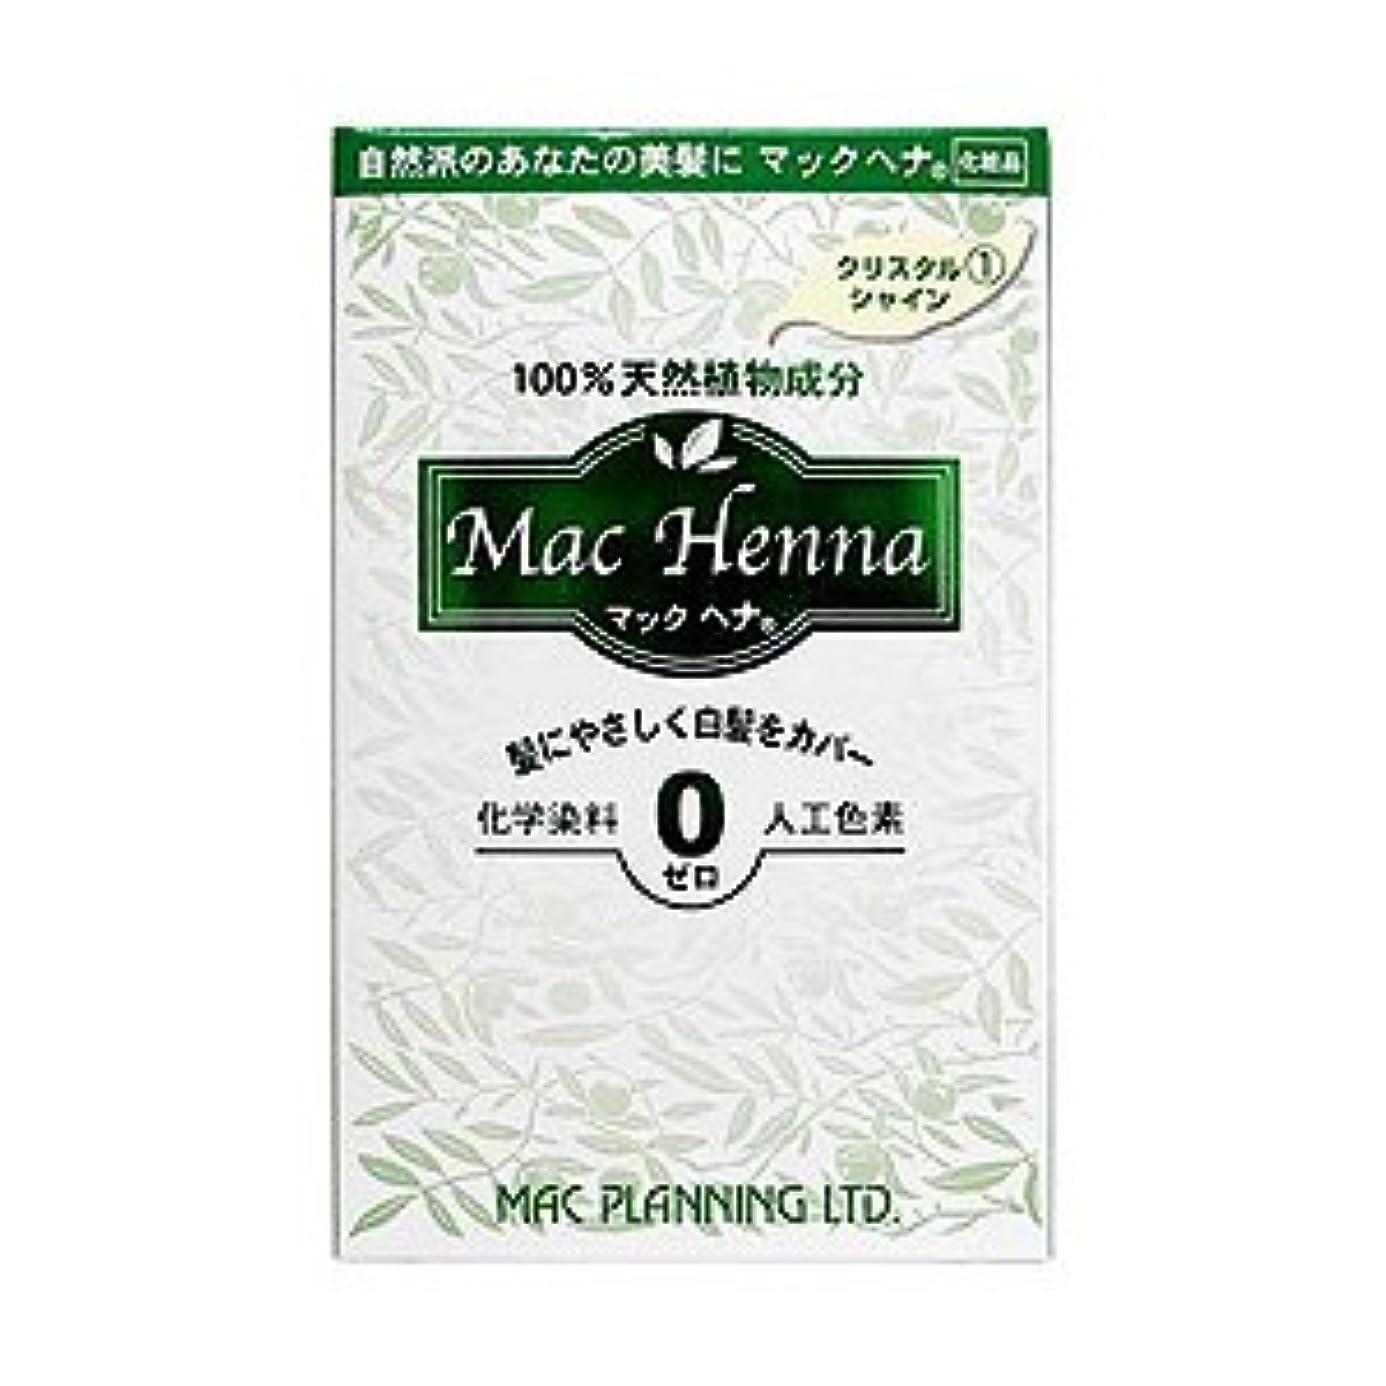 マックヘナ クリスタルシャイン1 60g×2 hs